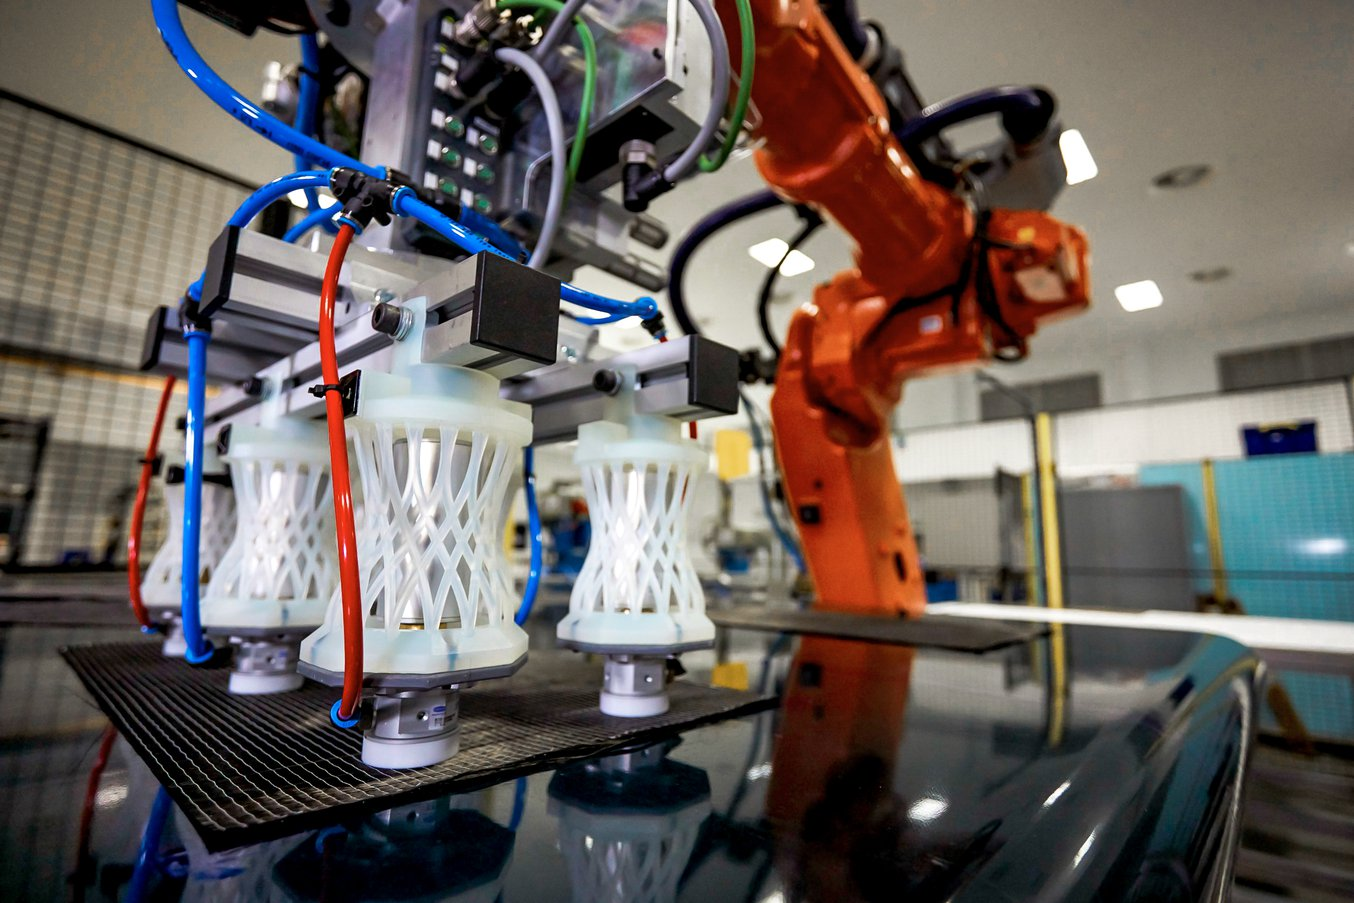 Soportes complejos que sujetan seis pinzas de un robot de coger y colocar diseñados para automatizar el desplazamiento de capas de materiales compuestos.